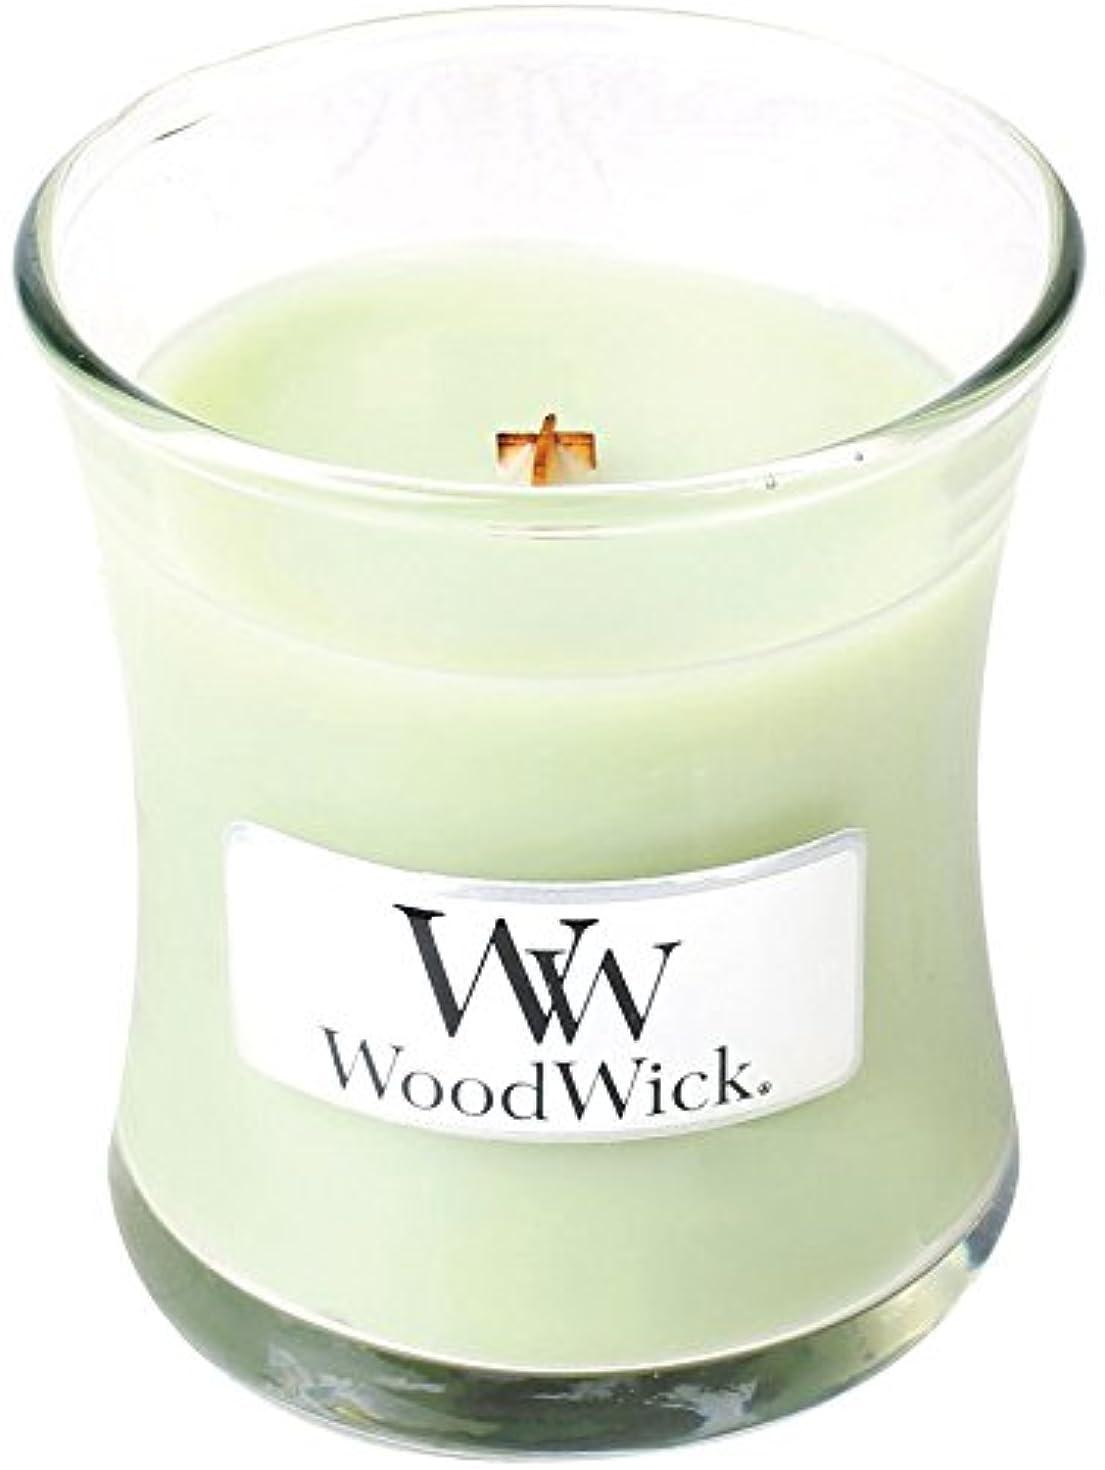 織る良心ジャンクWood Wick ウッドウィック ジャーキャンドルSサイズ ライムジェラー